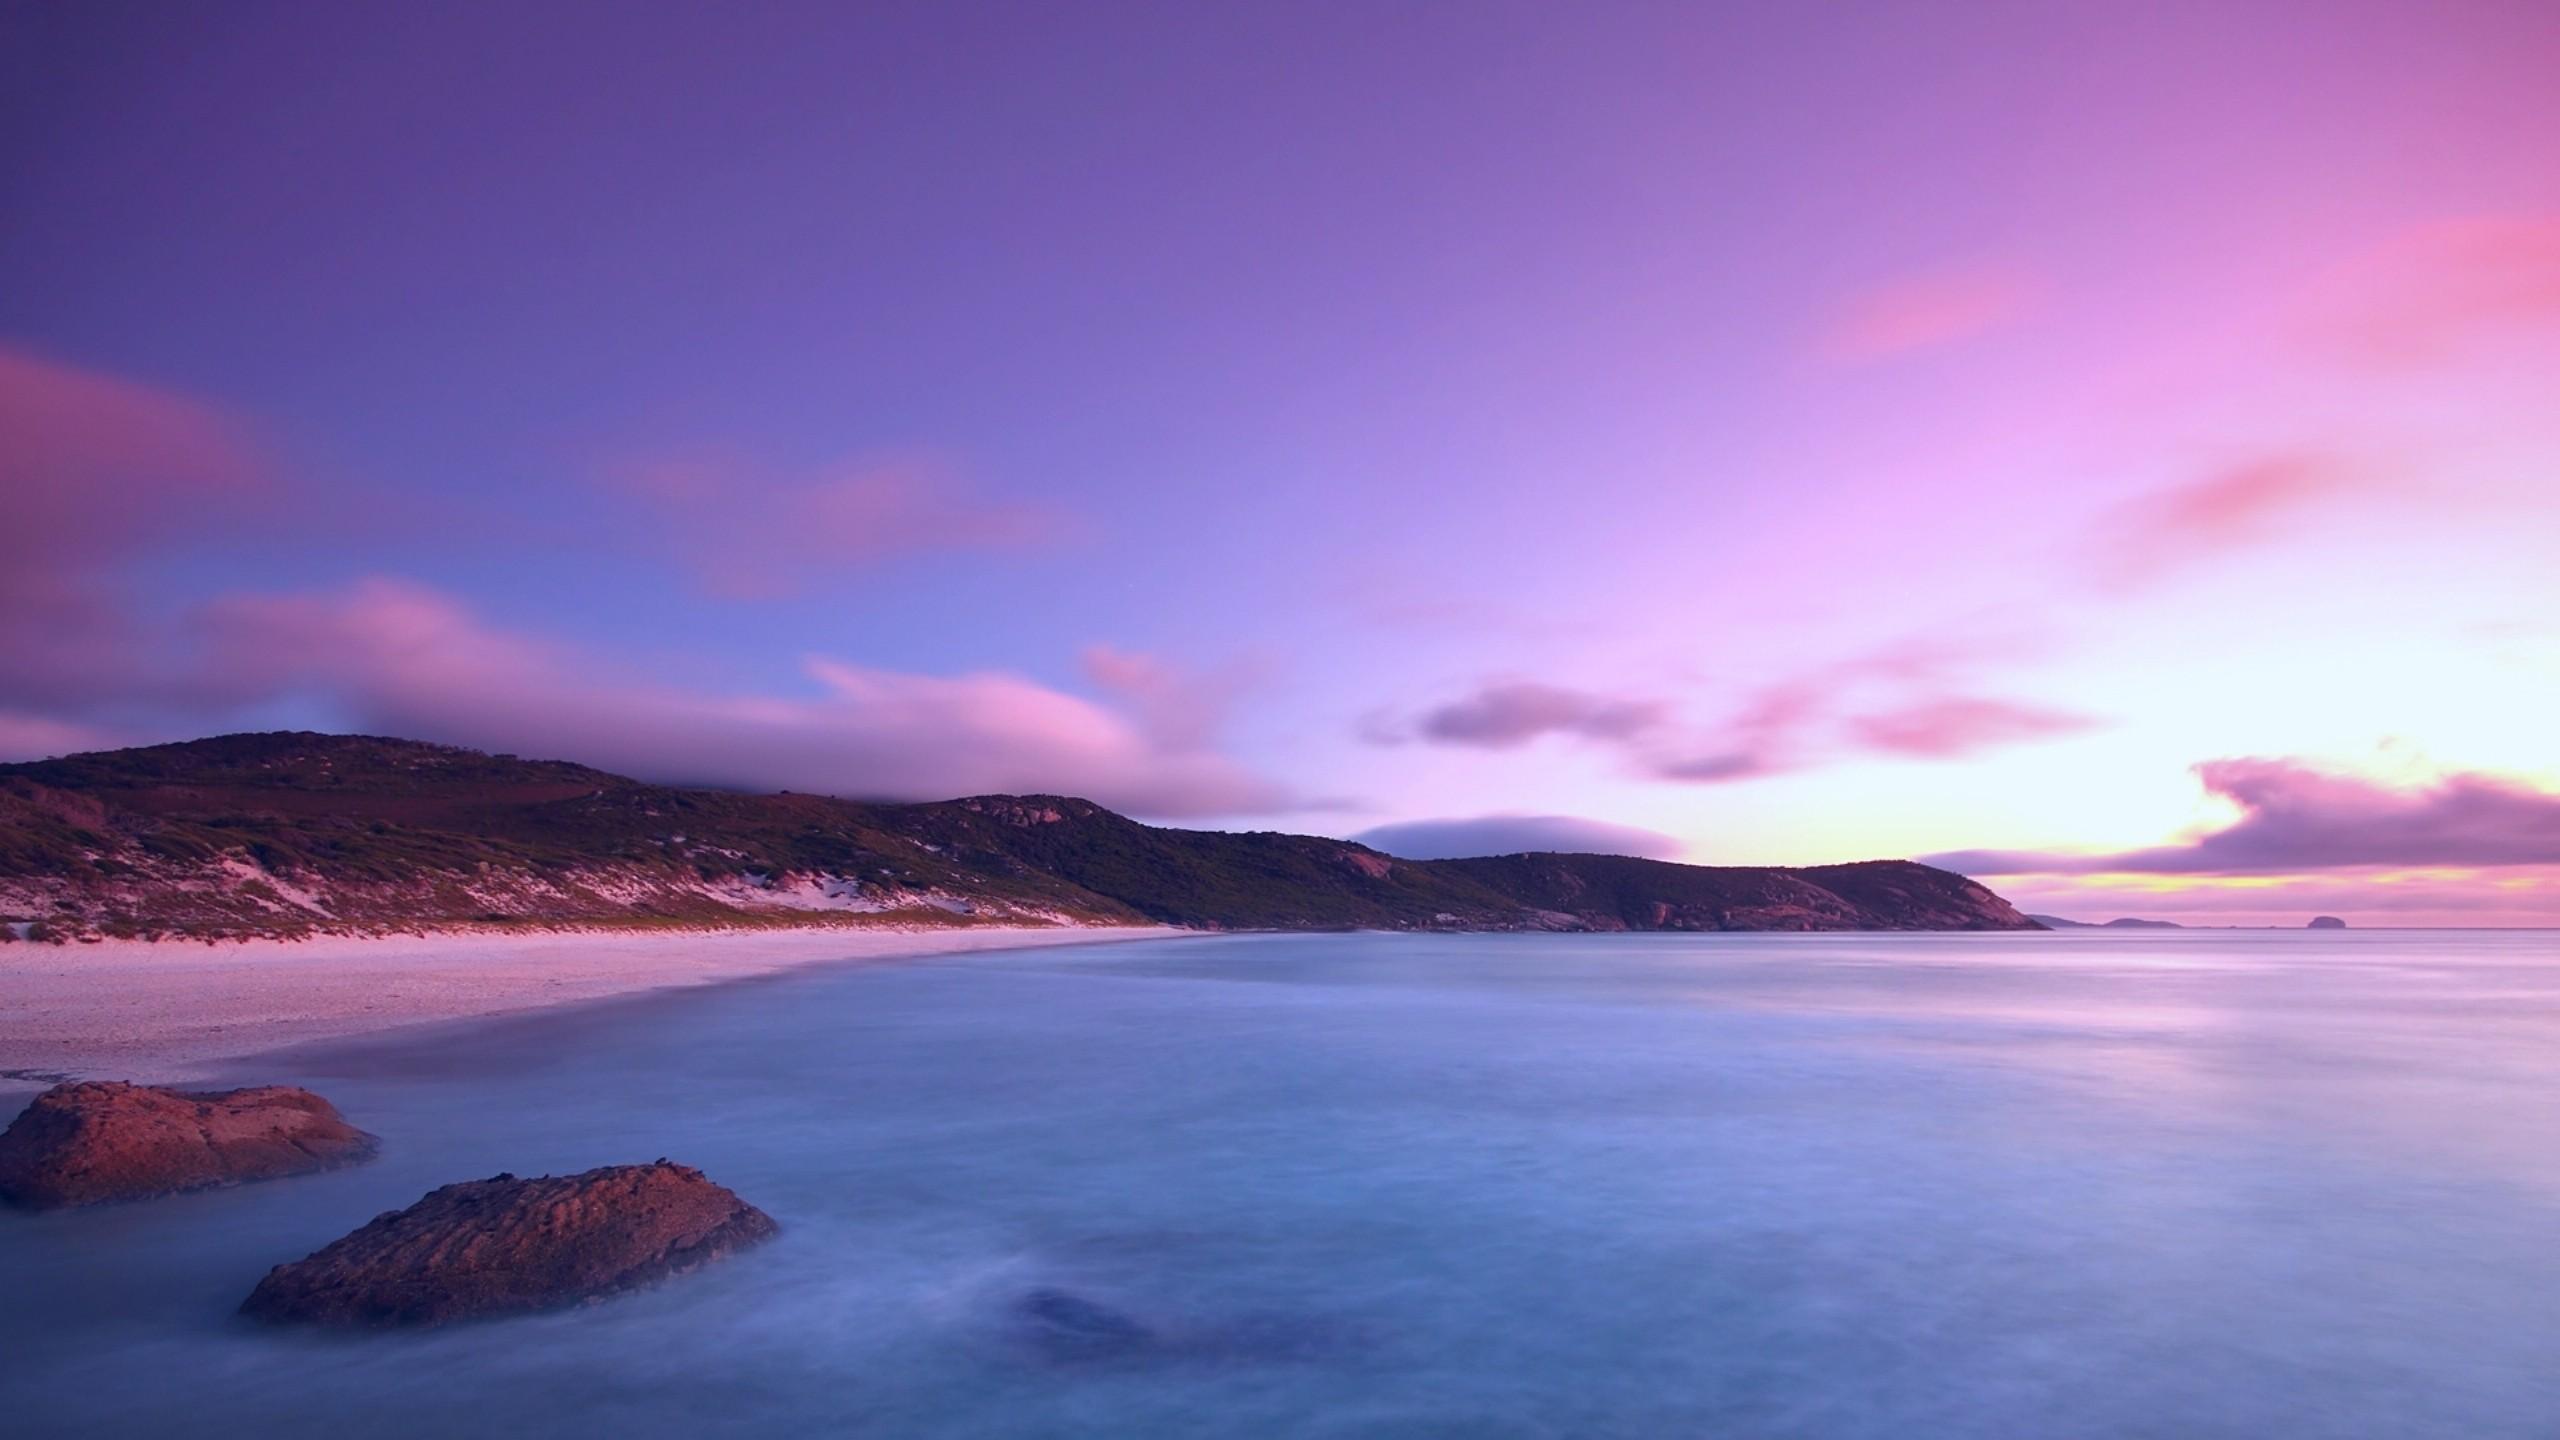 Amanecer en el mar - 2560x1440